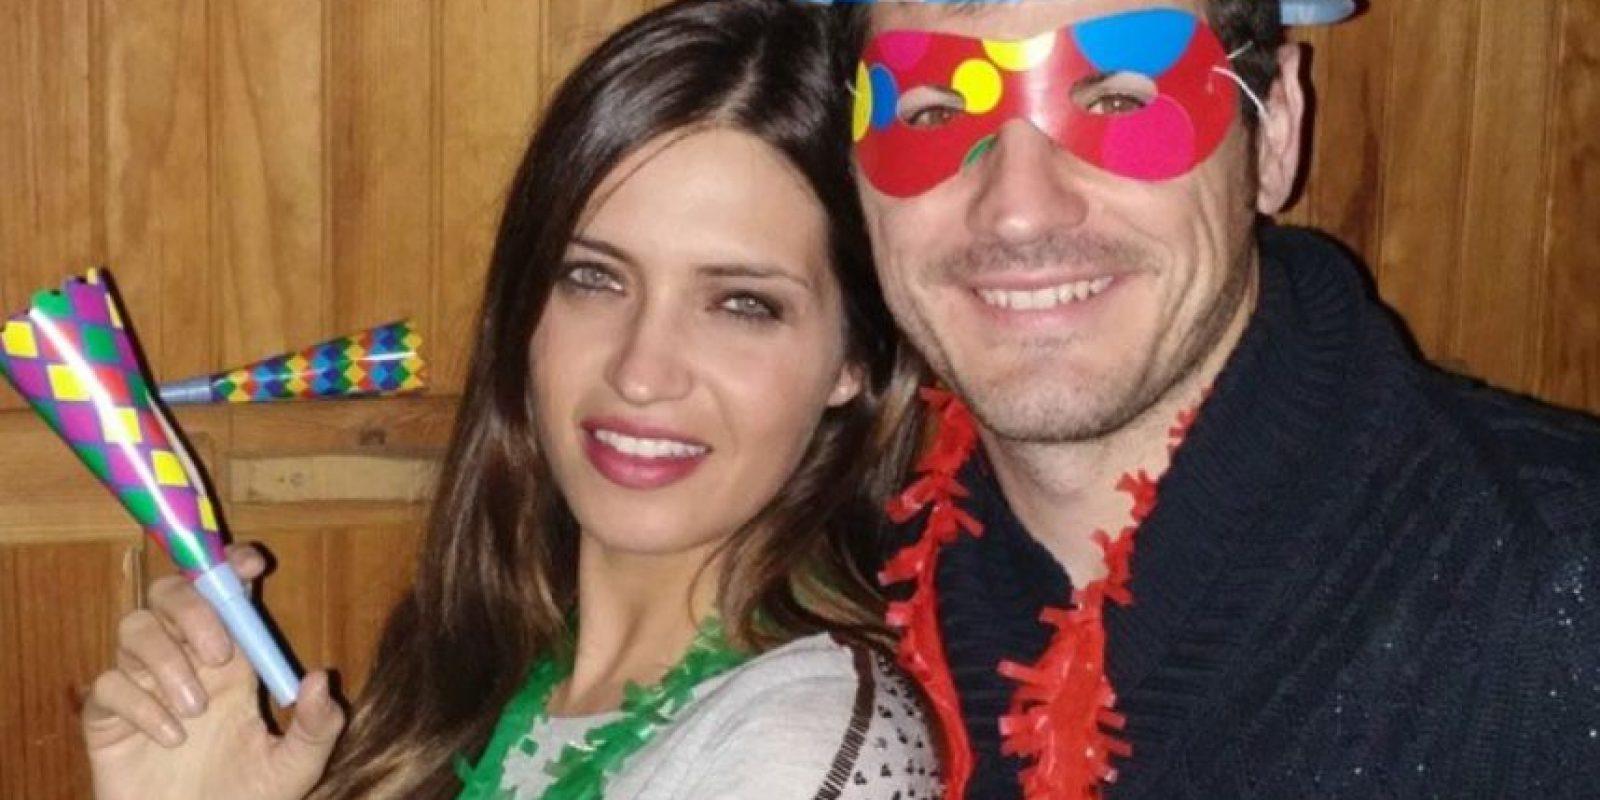 El portero celebró el cumpleaños de Sara Carbonero Foto:Instagram: @ikercasillasoficial